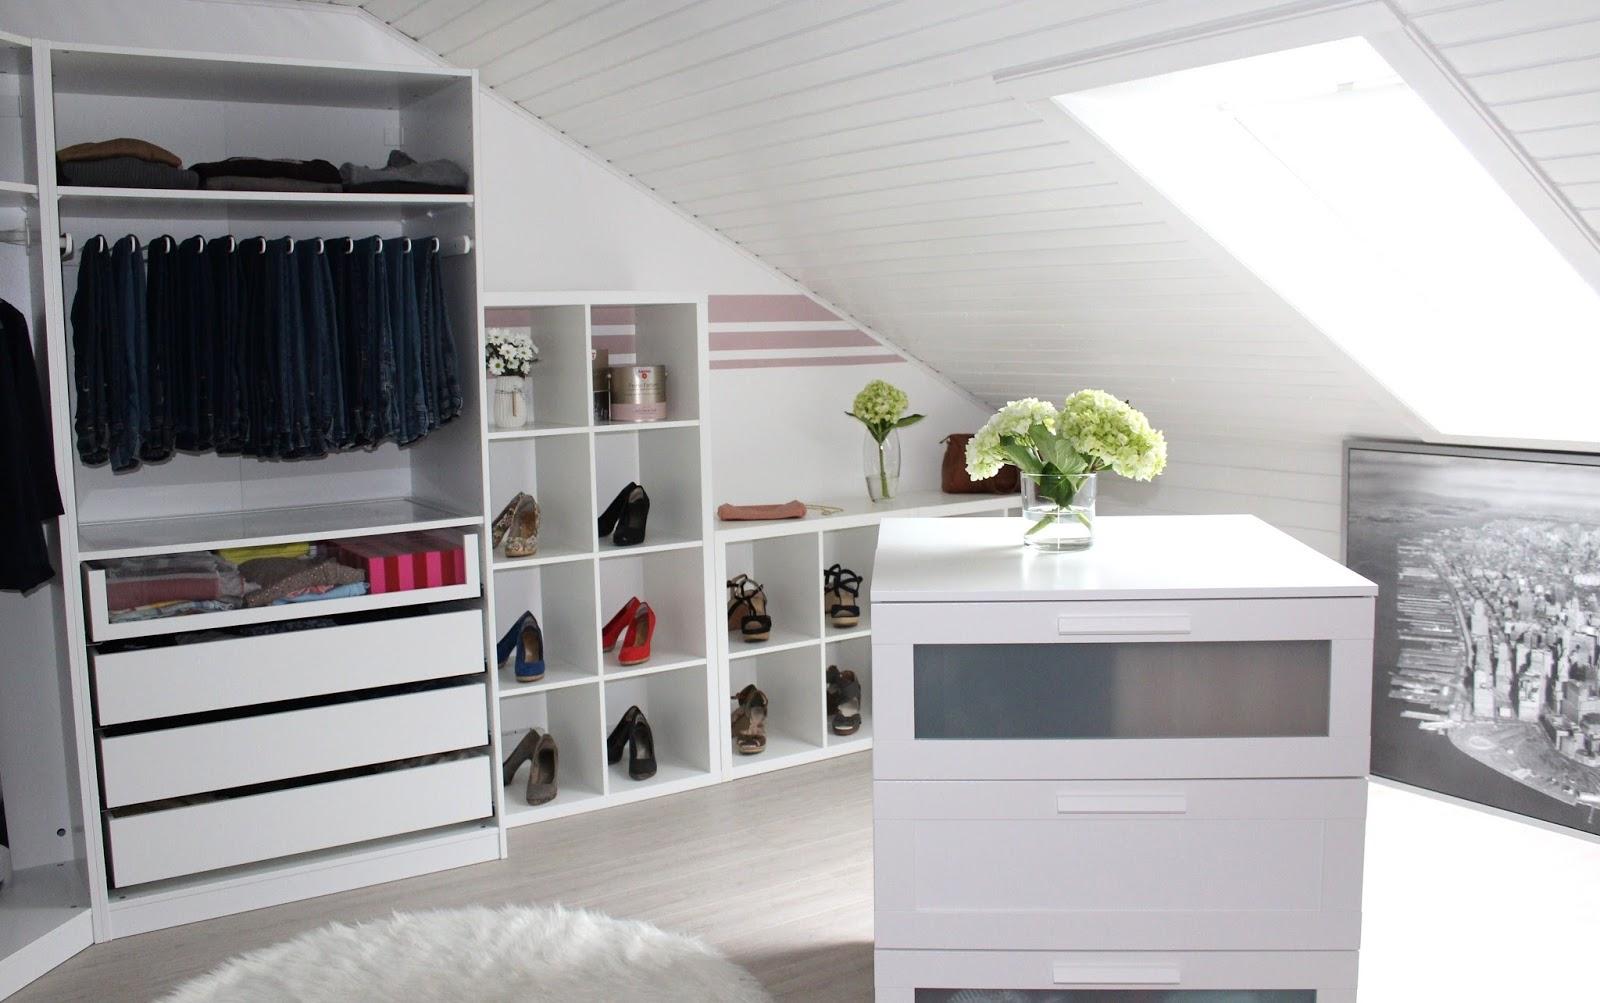 ankleidezimmer gestalten beispiele ikea. Black Bedroom Furniture Sets. Home Design Ideas